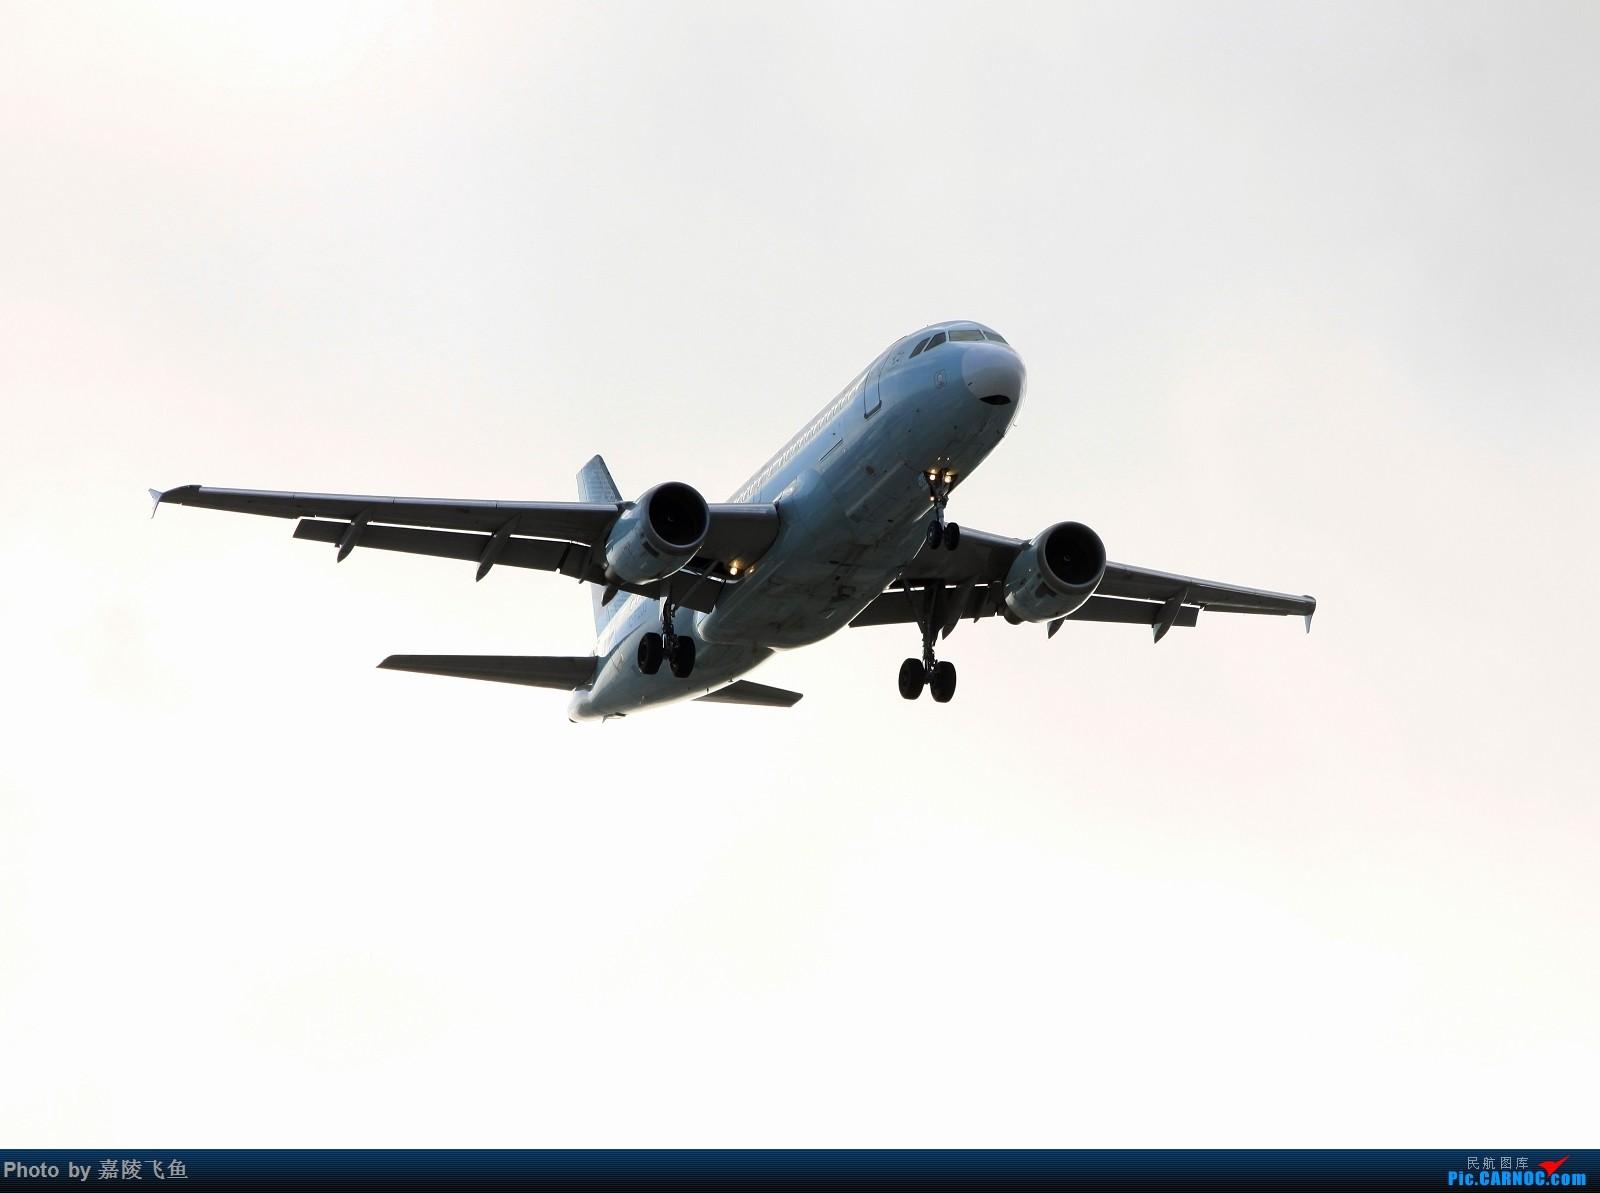 Re:[原创]忠实 边疆 阿拉斯加还有其他 AIRBUS A319 C-FZUJ 美国洛杉矶机场